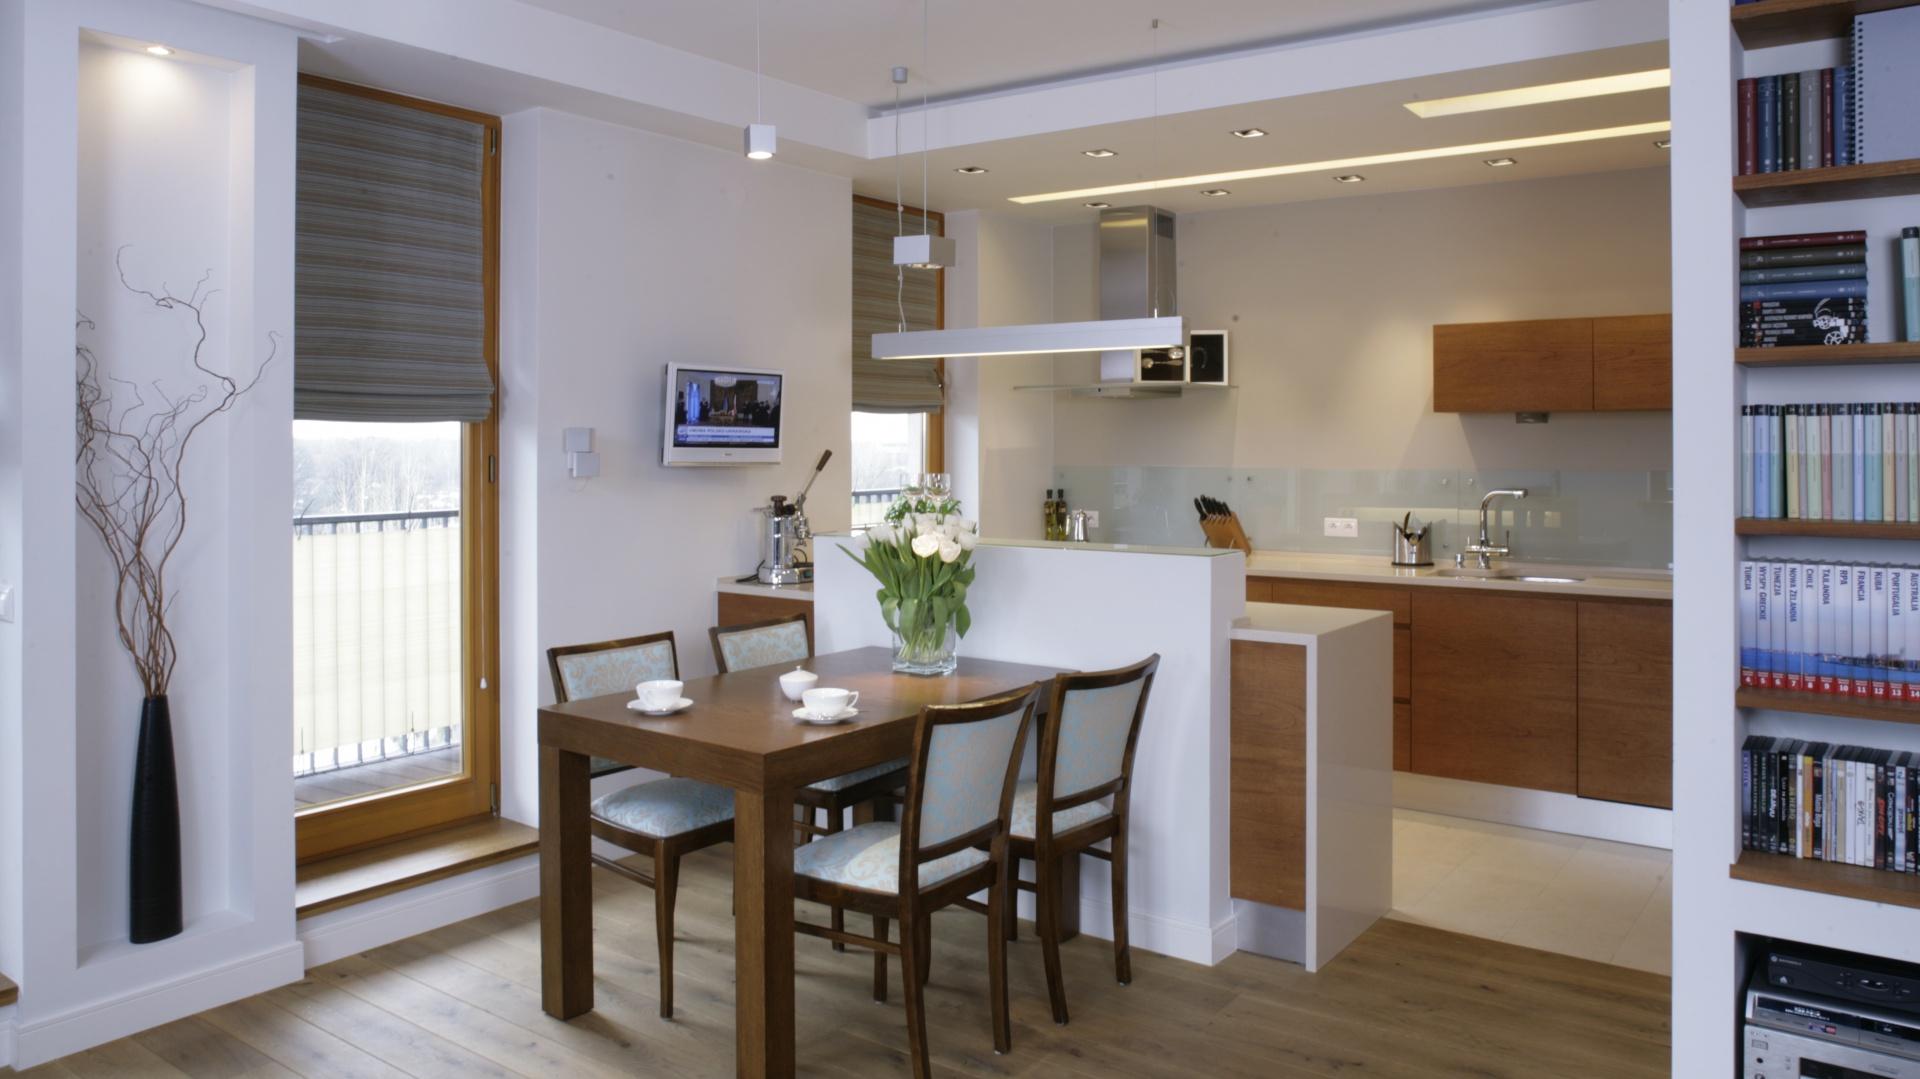 Kuchni symbolicznie zamyka kuchnia otwarta na salon for Kuchnia z salonem aranzacje